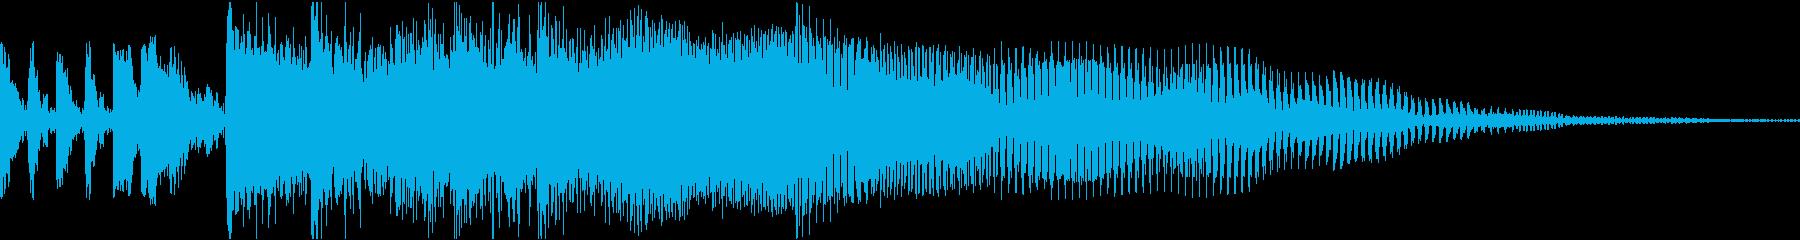 ロック調のサウンドロゴの再生済みの波形